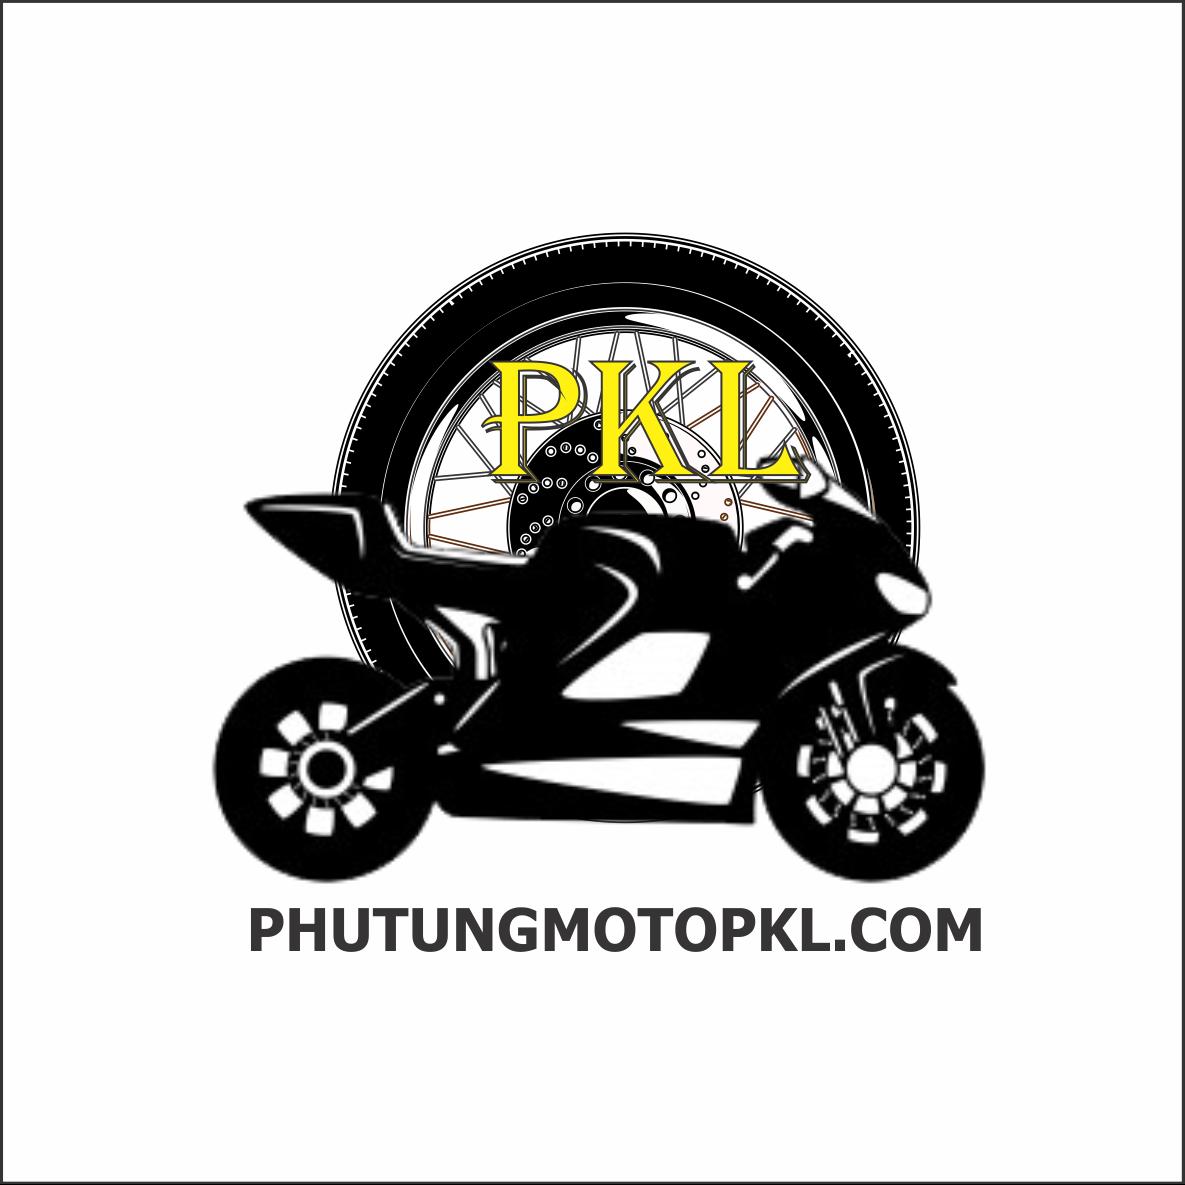 Phụ tùng mô tô PLK – phutungmotopkl.com